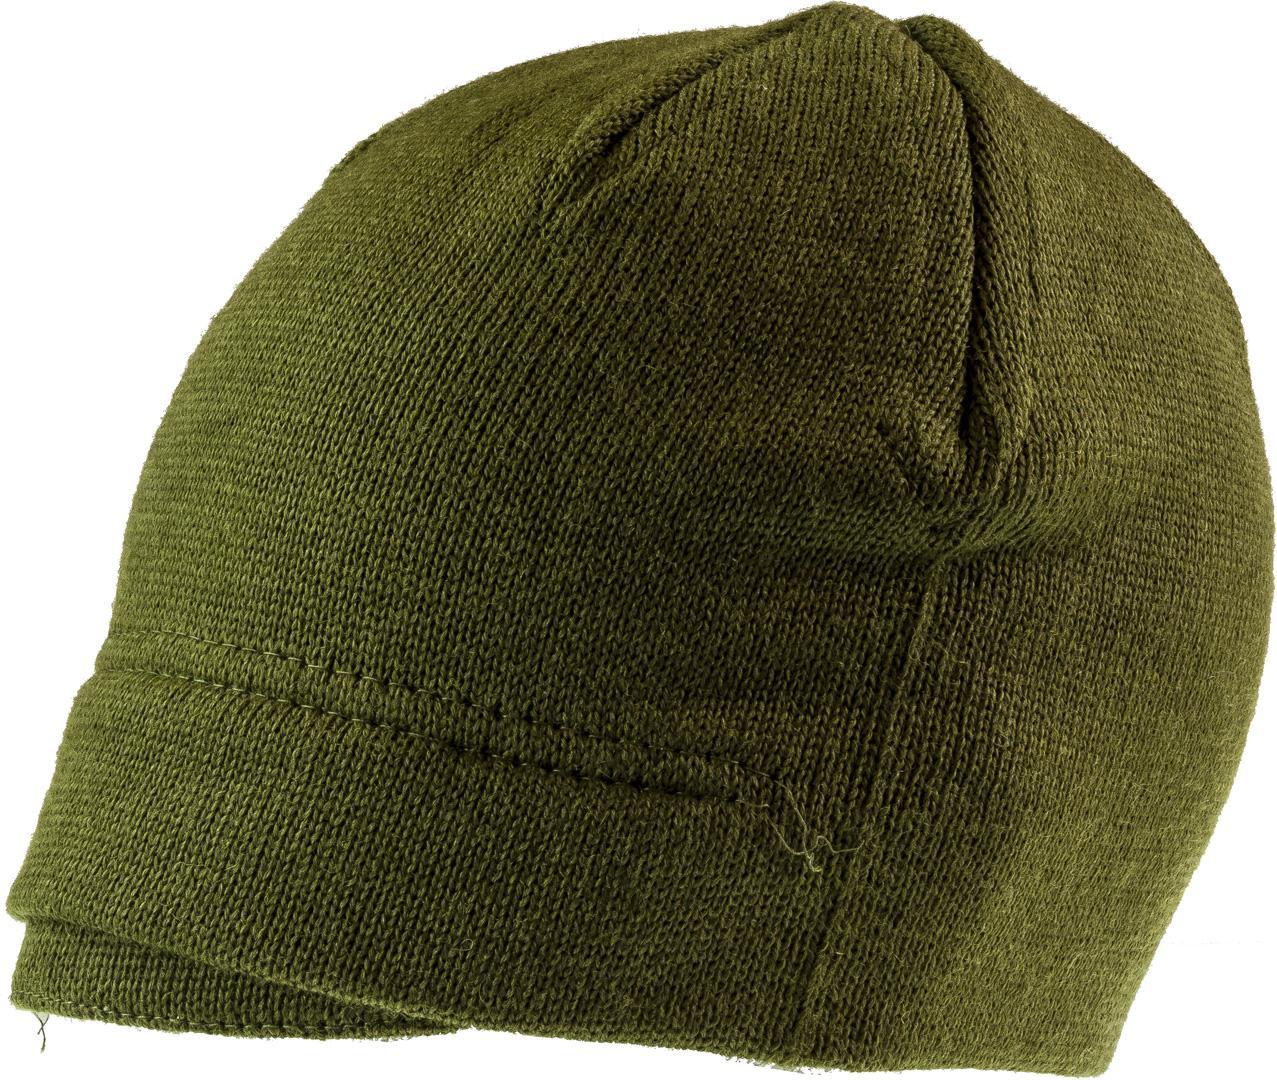 Esercito Italiano In Verde Lana Cappello Militare Ybfg67y